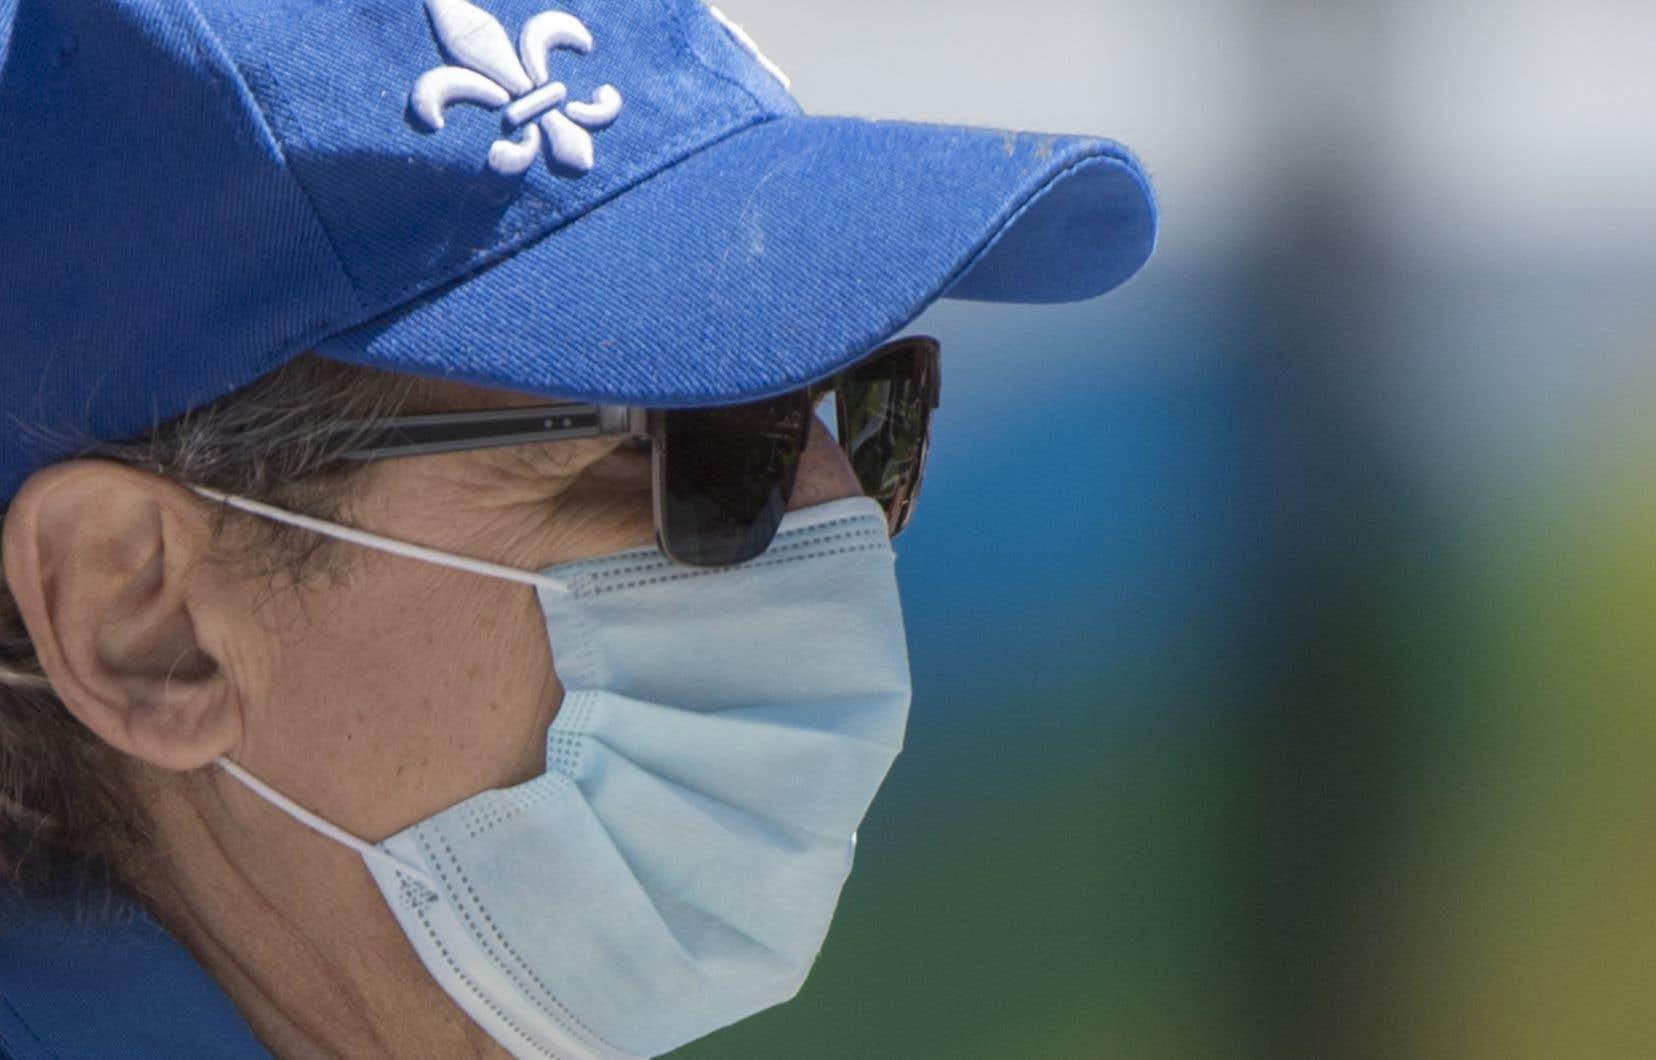 Une personne attend d'être testée pour la COVID-19 dans une clinique de dépistage mobile dans le quartier montréalais de Verdun, le samedi 23 mai 2020.